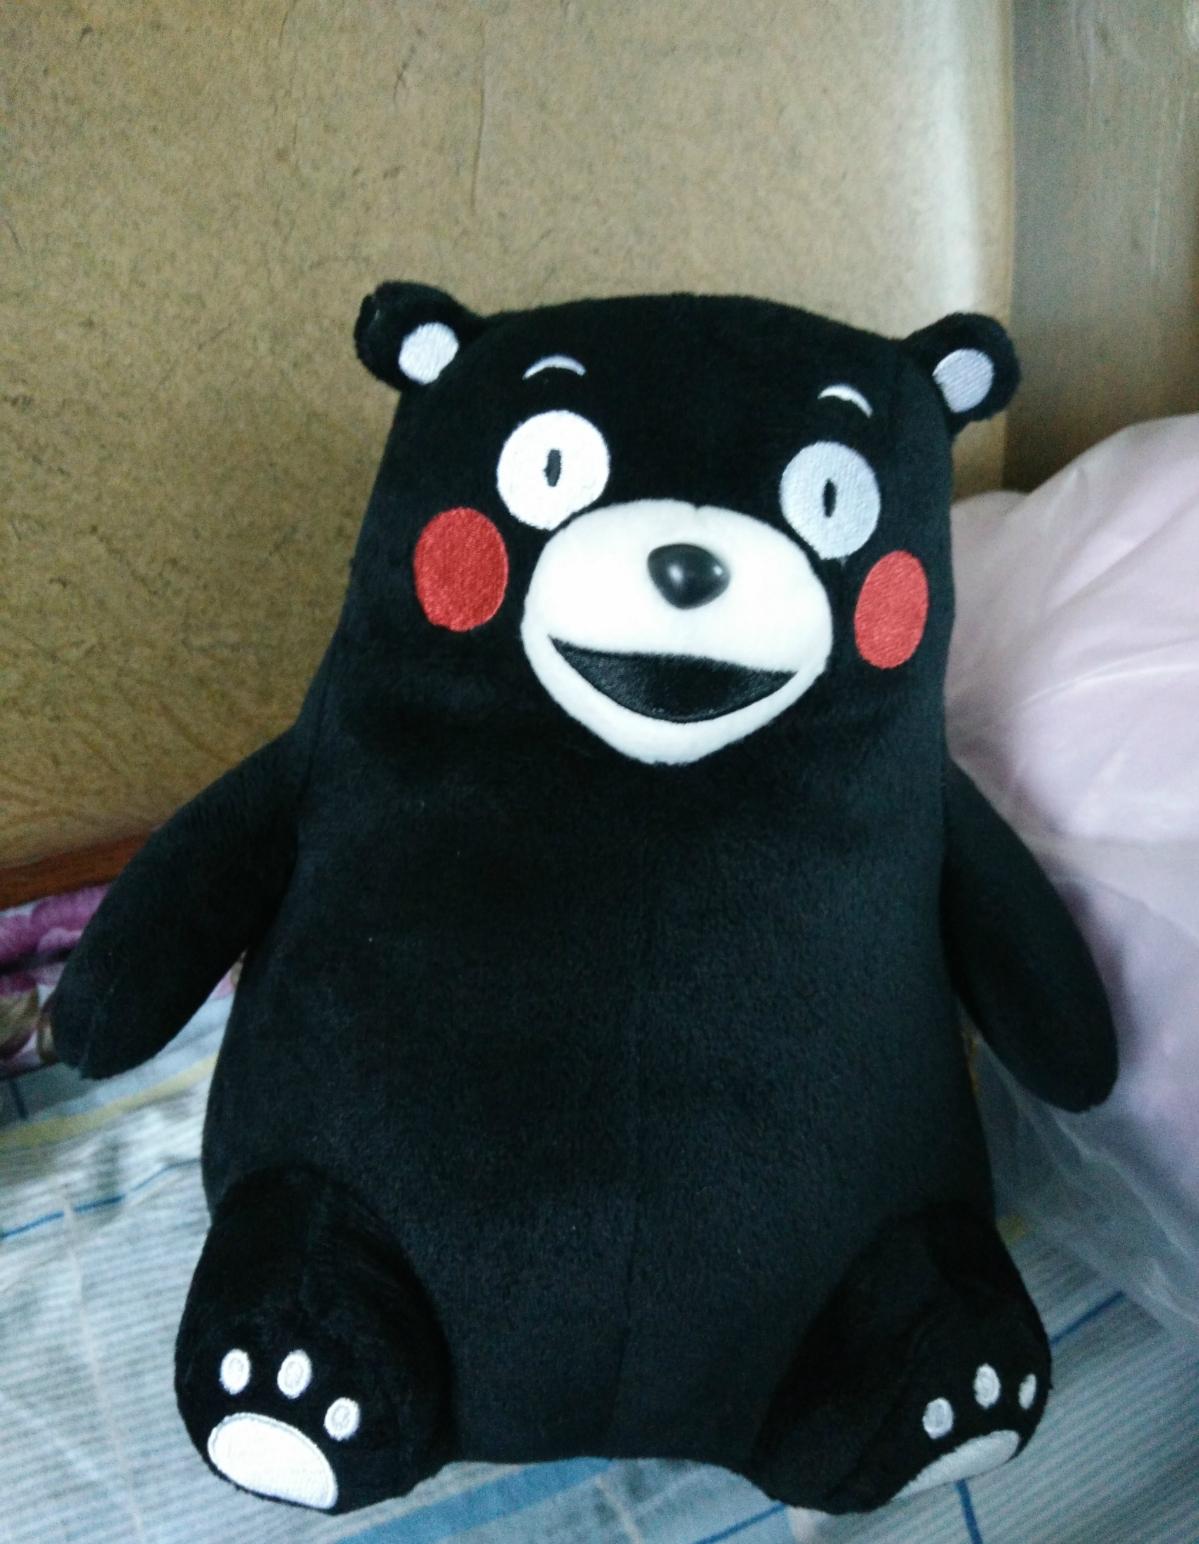 收到熊熊,哈哈达,好可爱和漫画中的熊本一样.